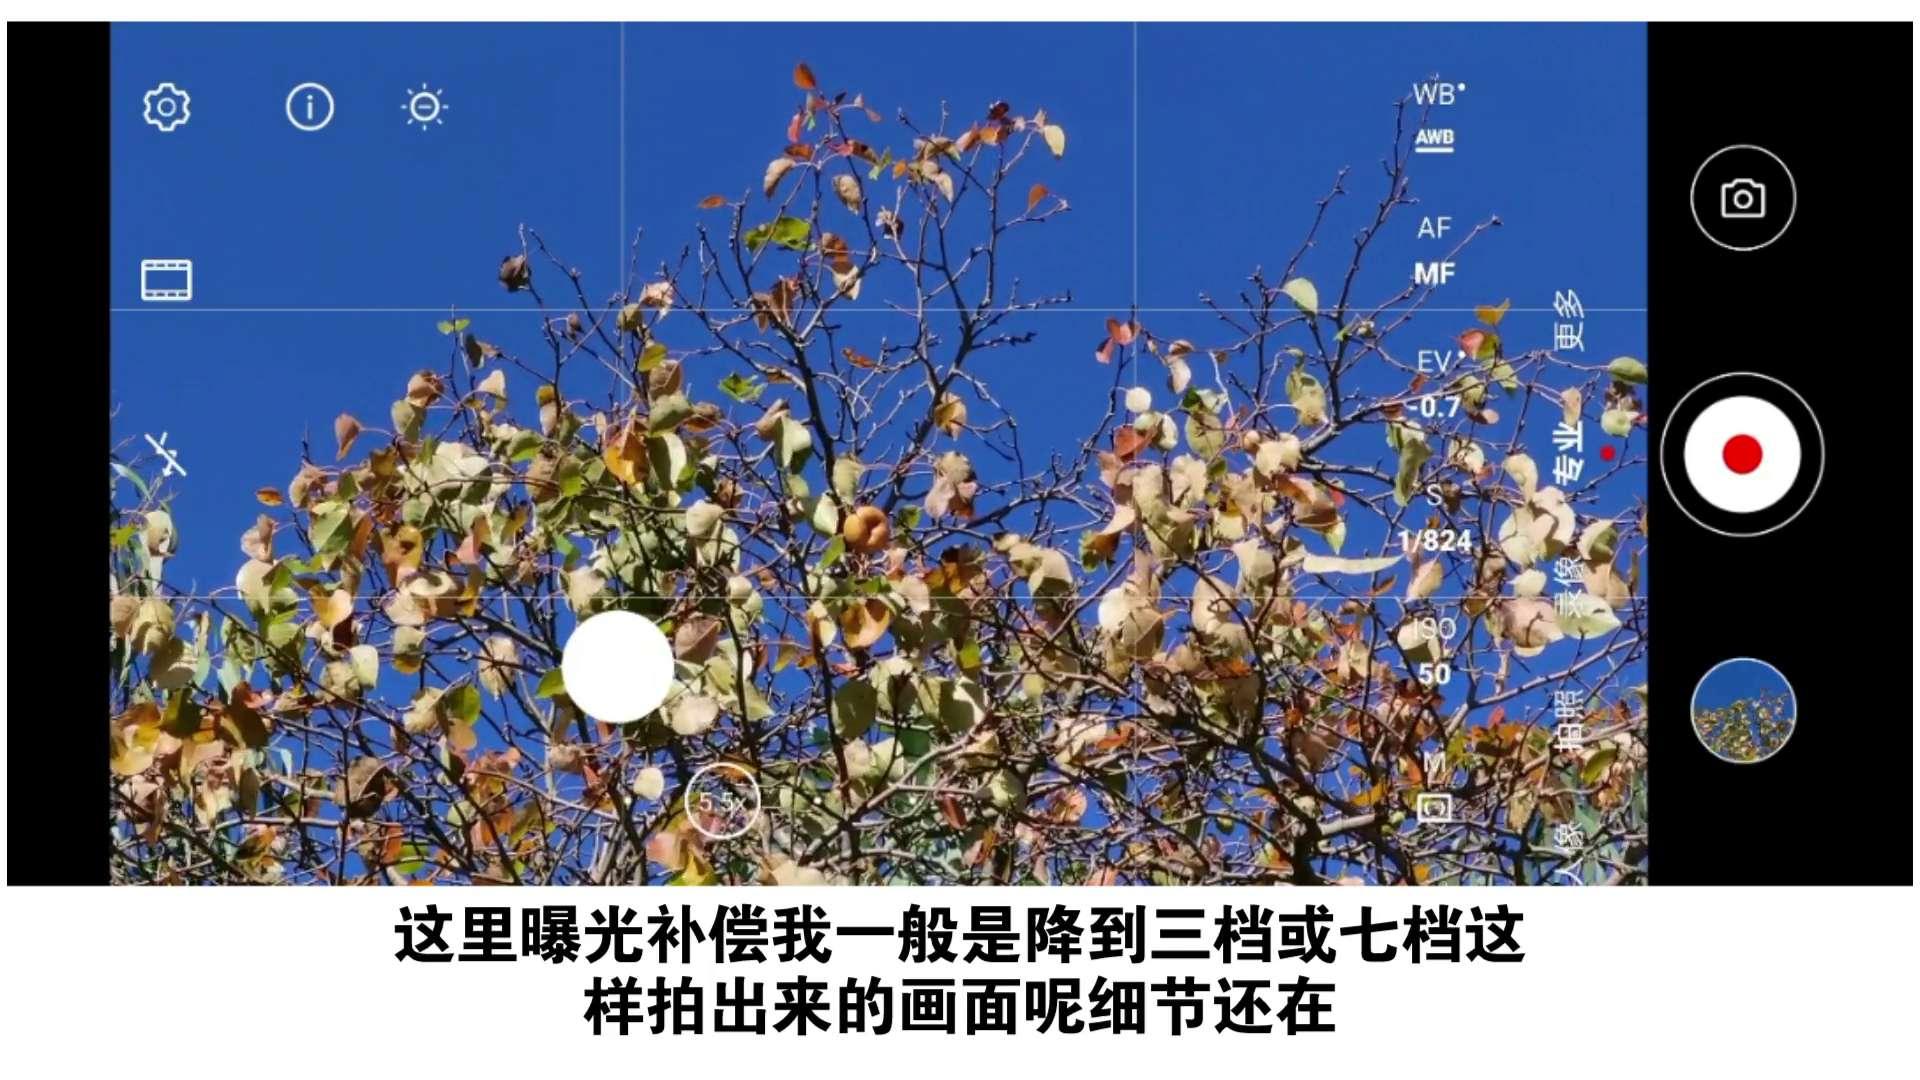 【教程】专业模式拍视频:华为P40Pro实拍技巧分享!,华为P40系列-花粉俱乐部